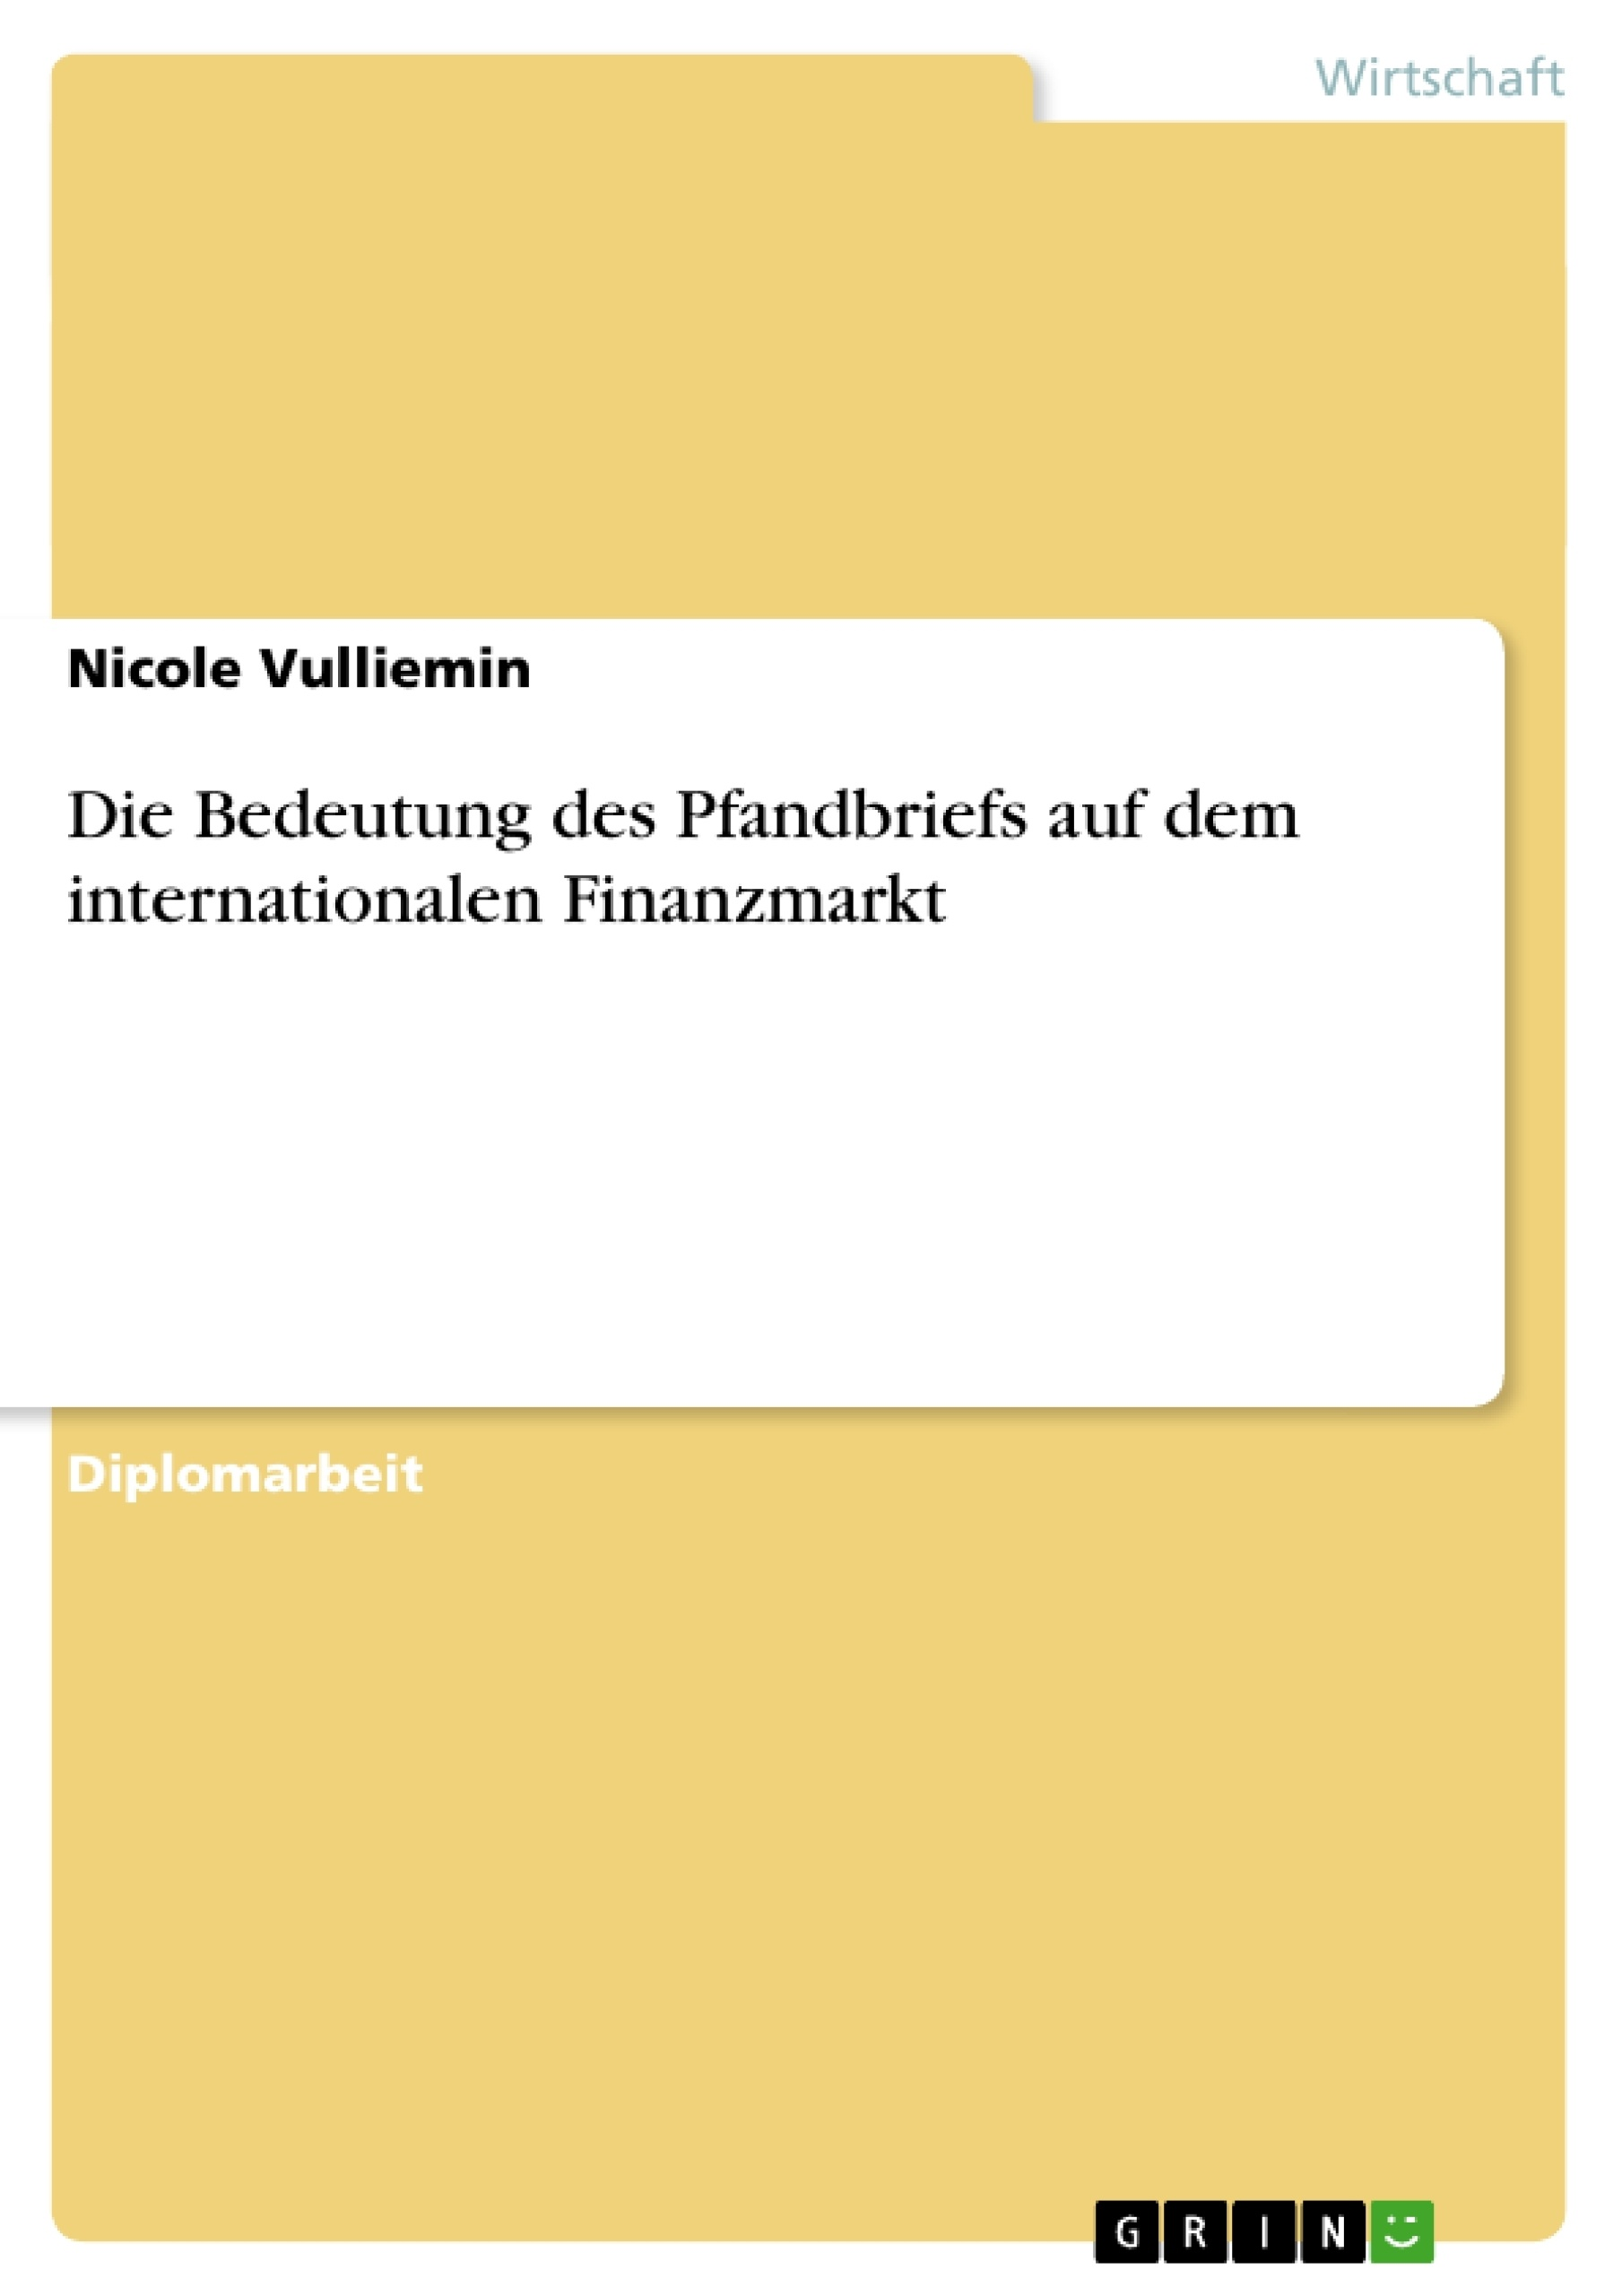 Titel: Die Bedeutung des Pfandbriefs auf dem internationalen Finanzmarkt